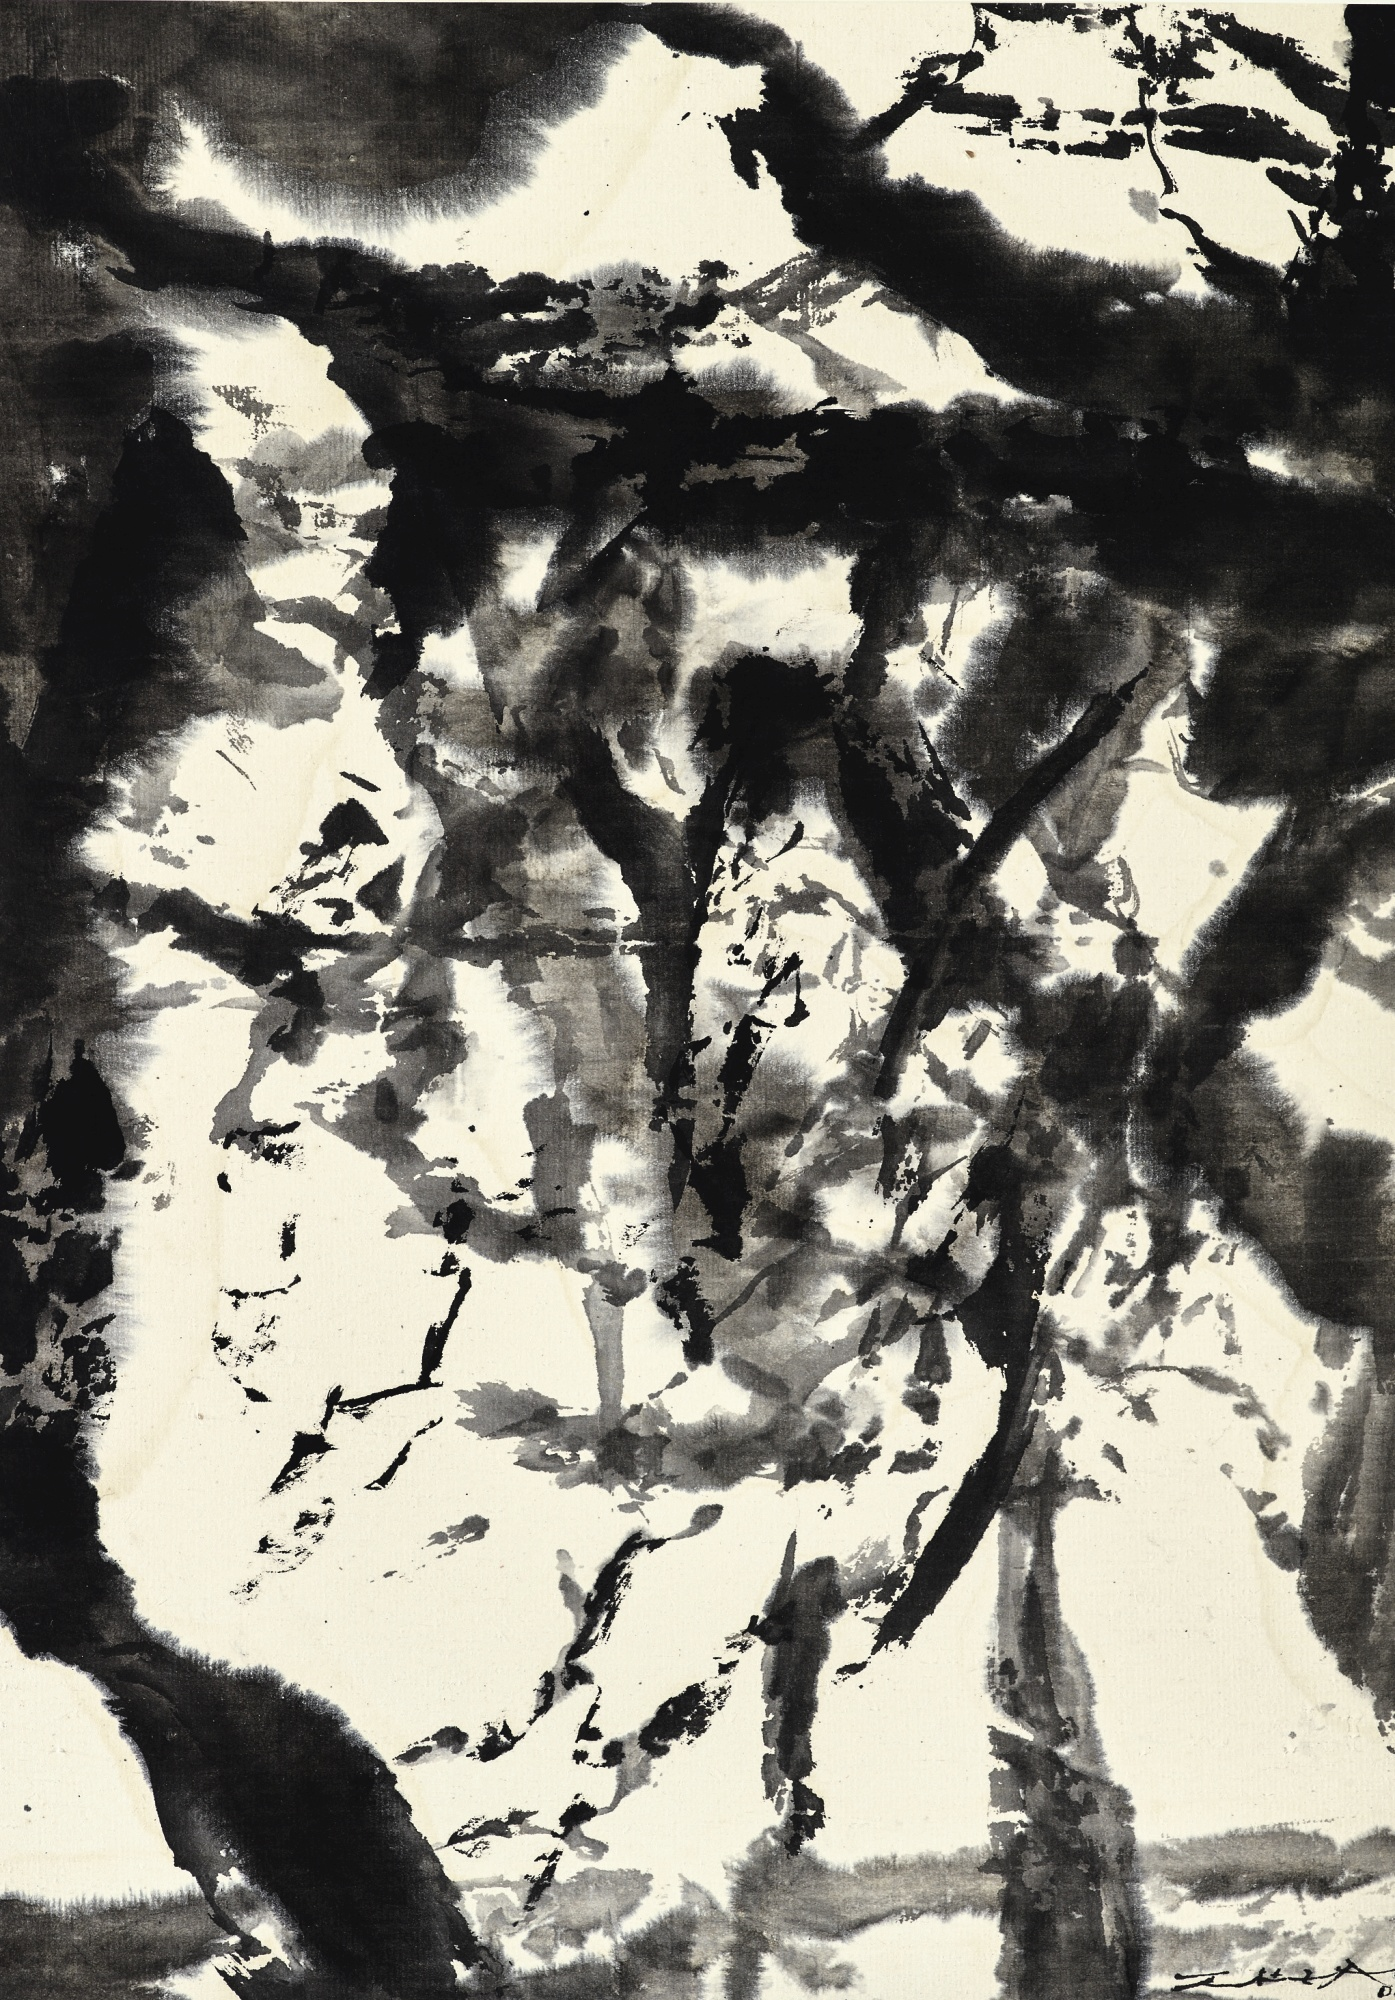 Zao Wou-Ki-Untitled-2000